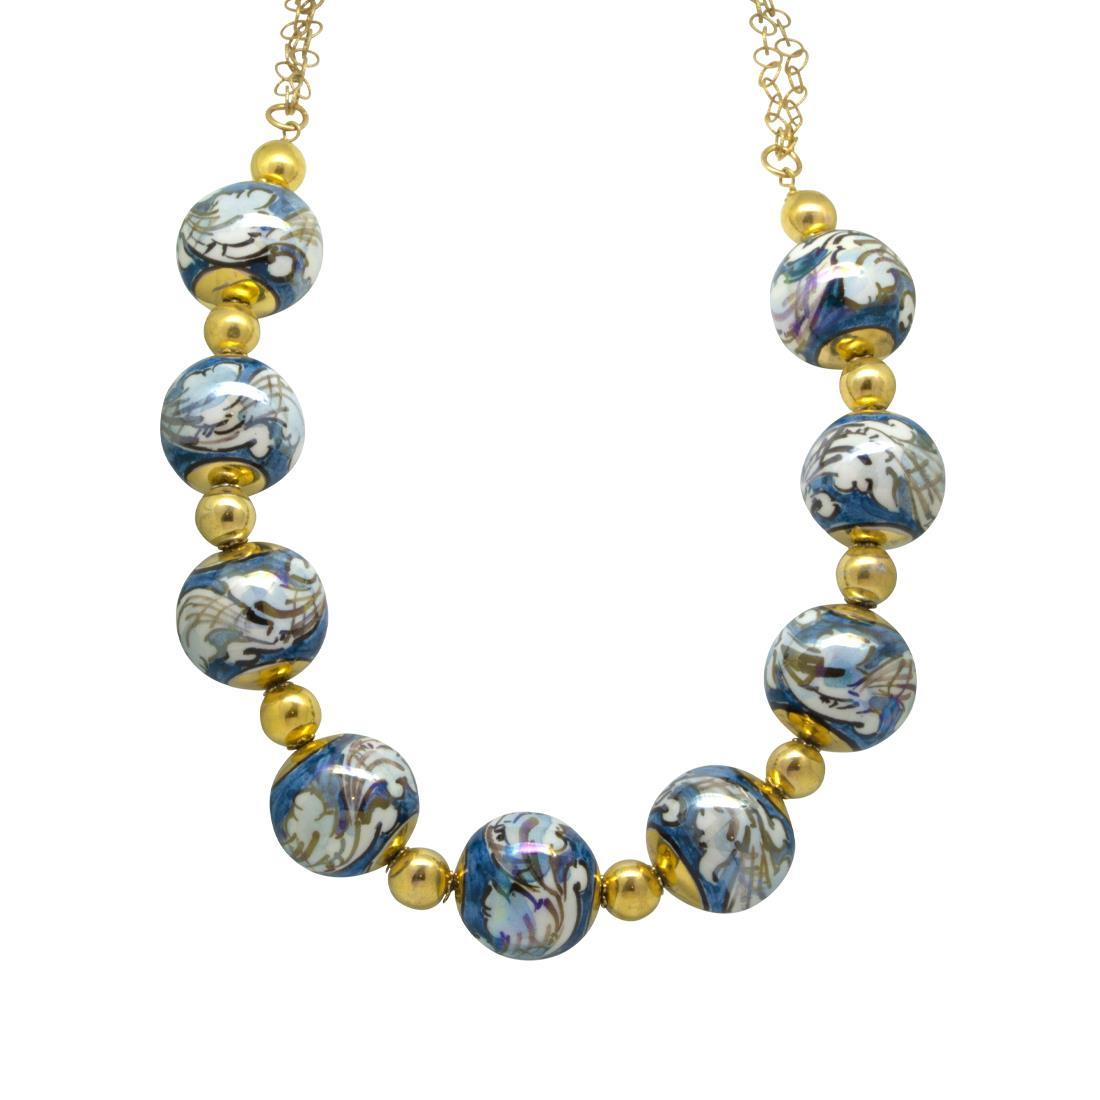 Collana in argento con perle - LE PERLE DI CALTAGIRONE